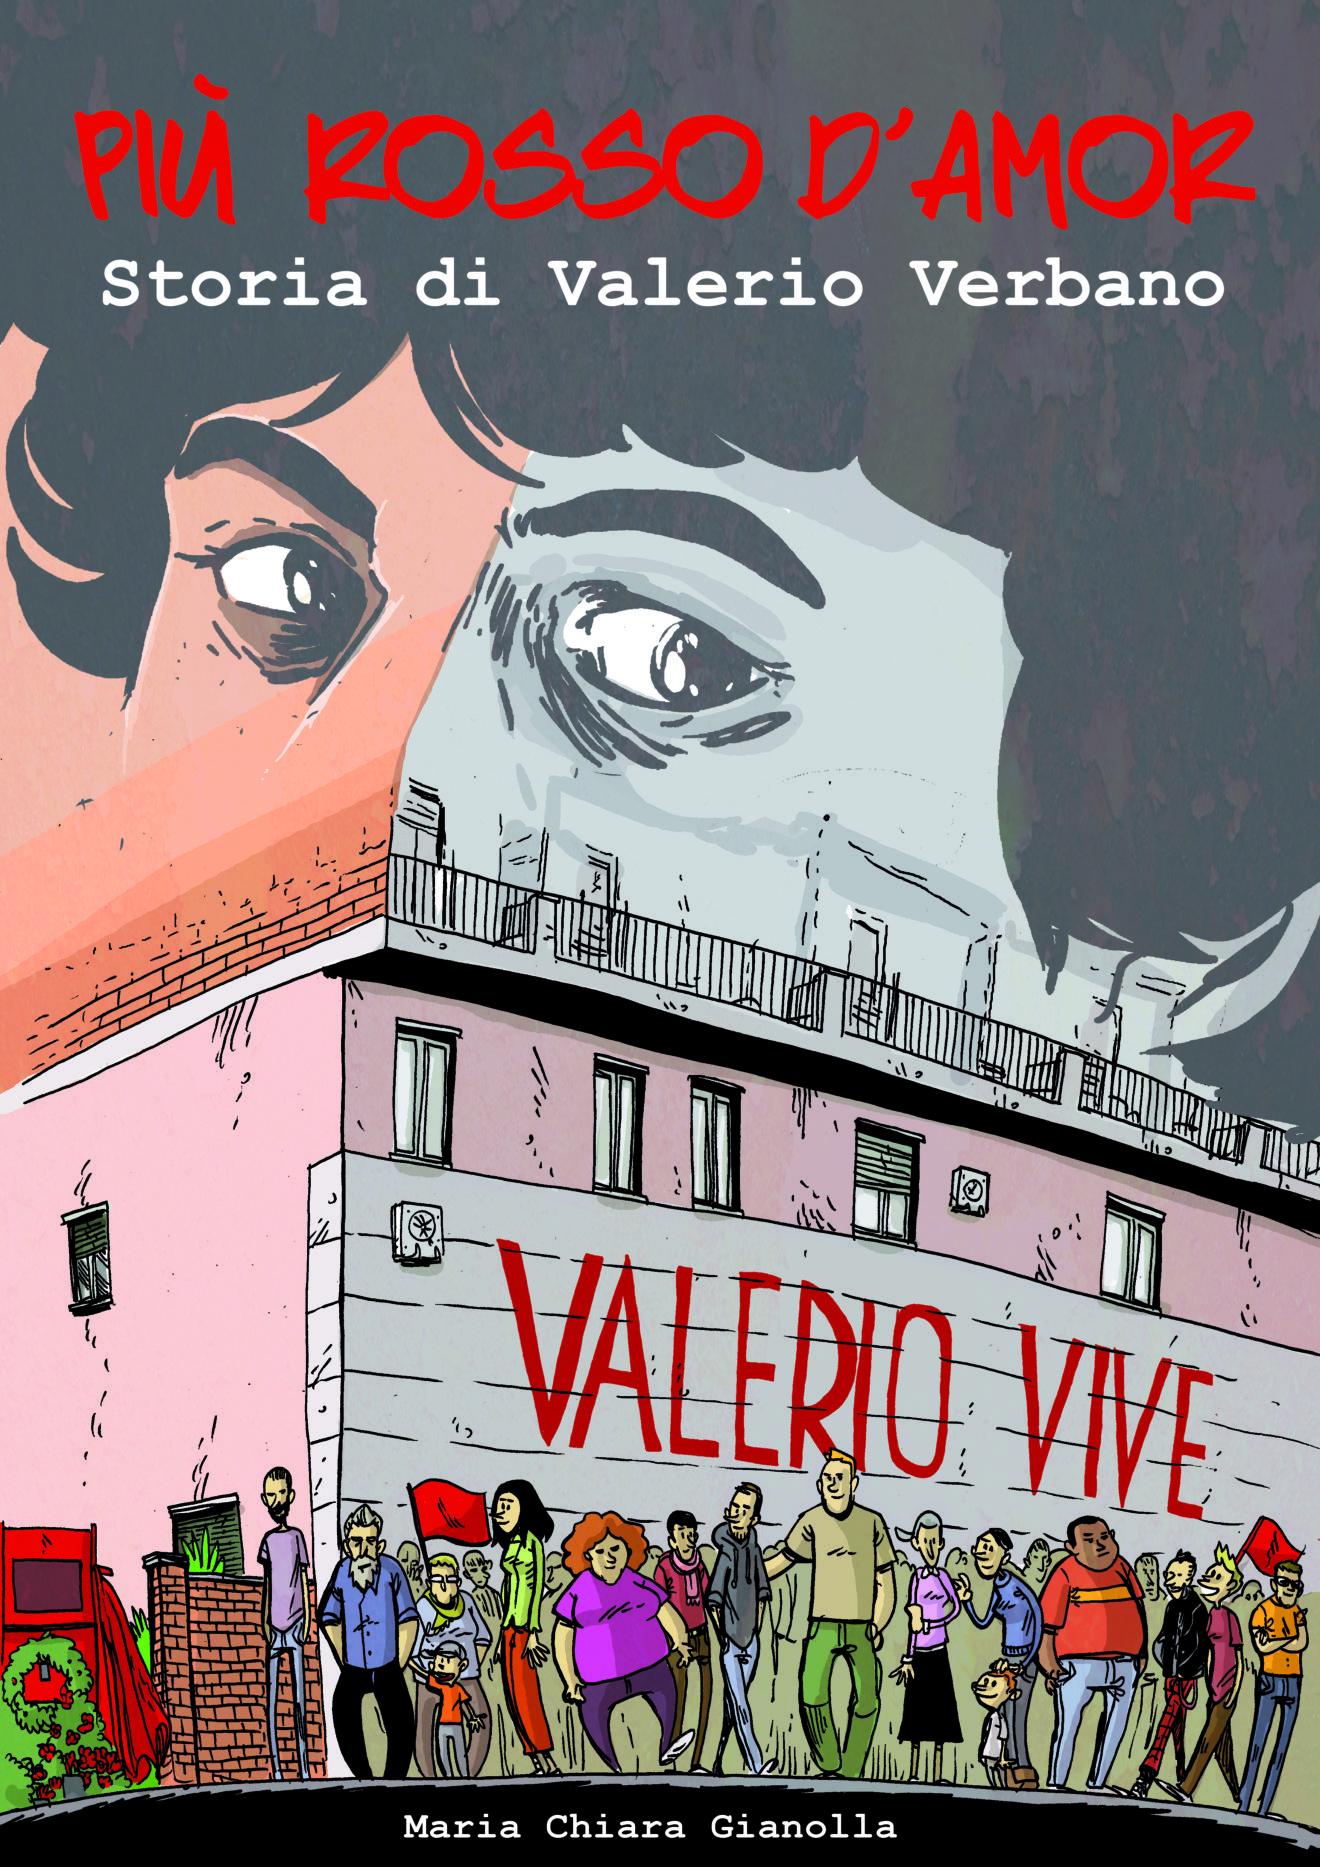 Valerio, il ricordo e le lotte